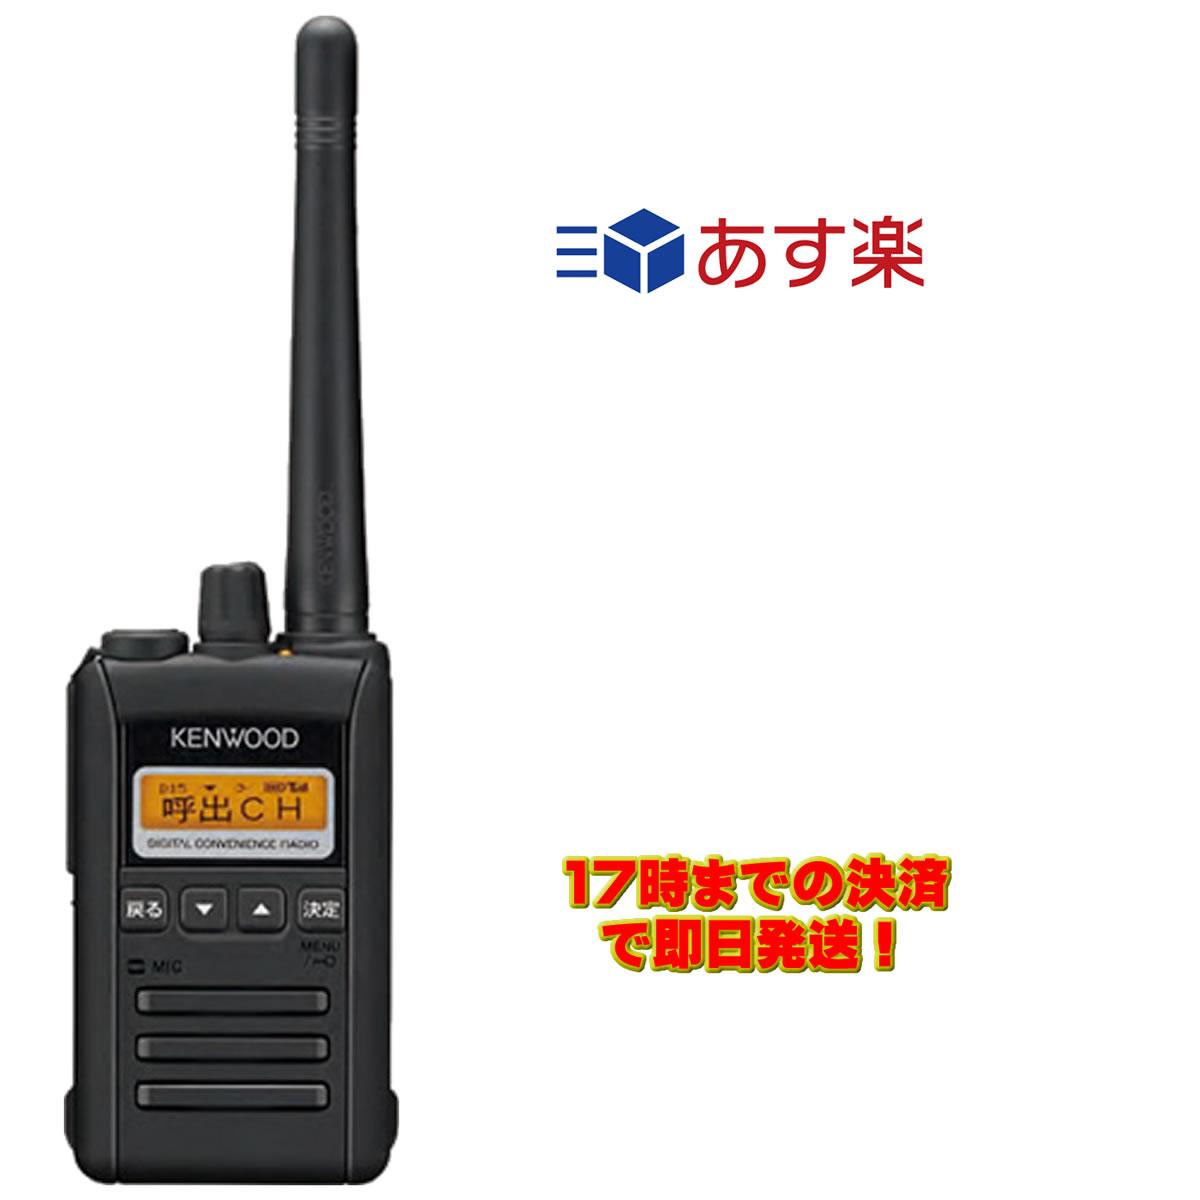 TPZ-D553SCH ケンウッド ハイパワー・デジタルトランシーバー 資格不要/登録局対応 1100mAhリチウムイオンバッテリー付属